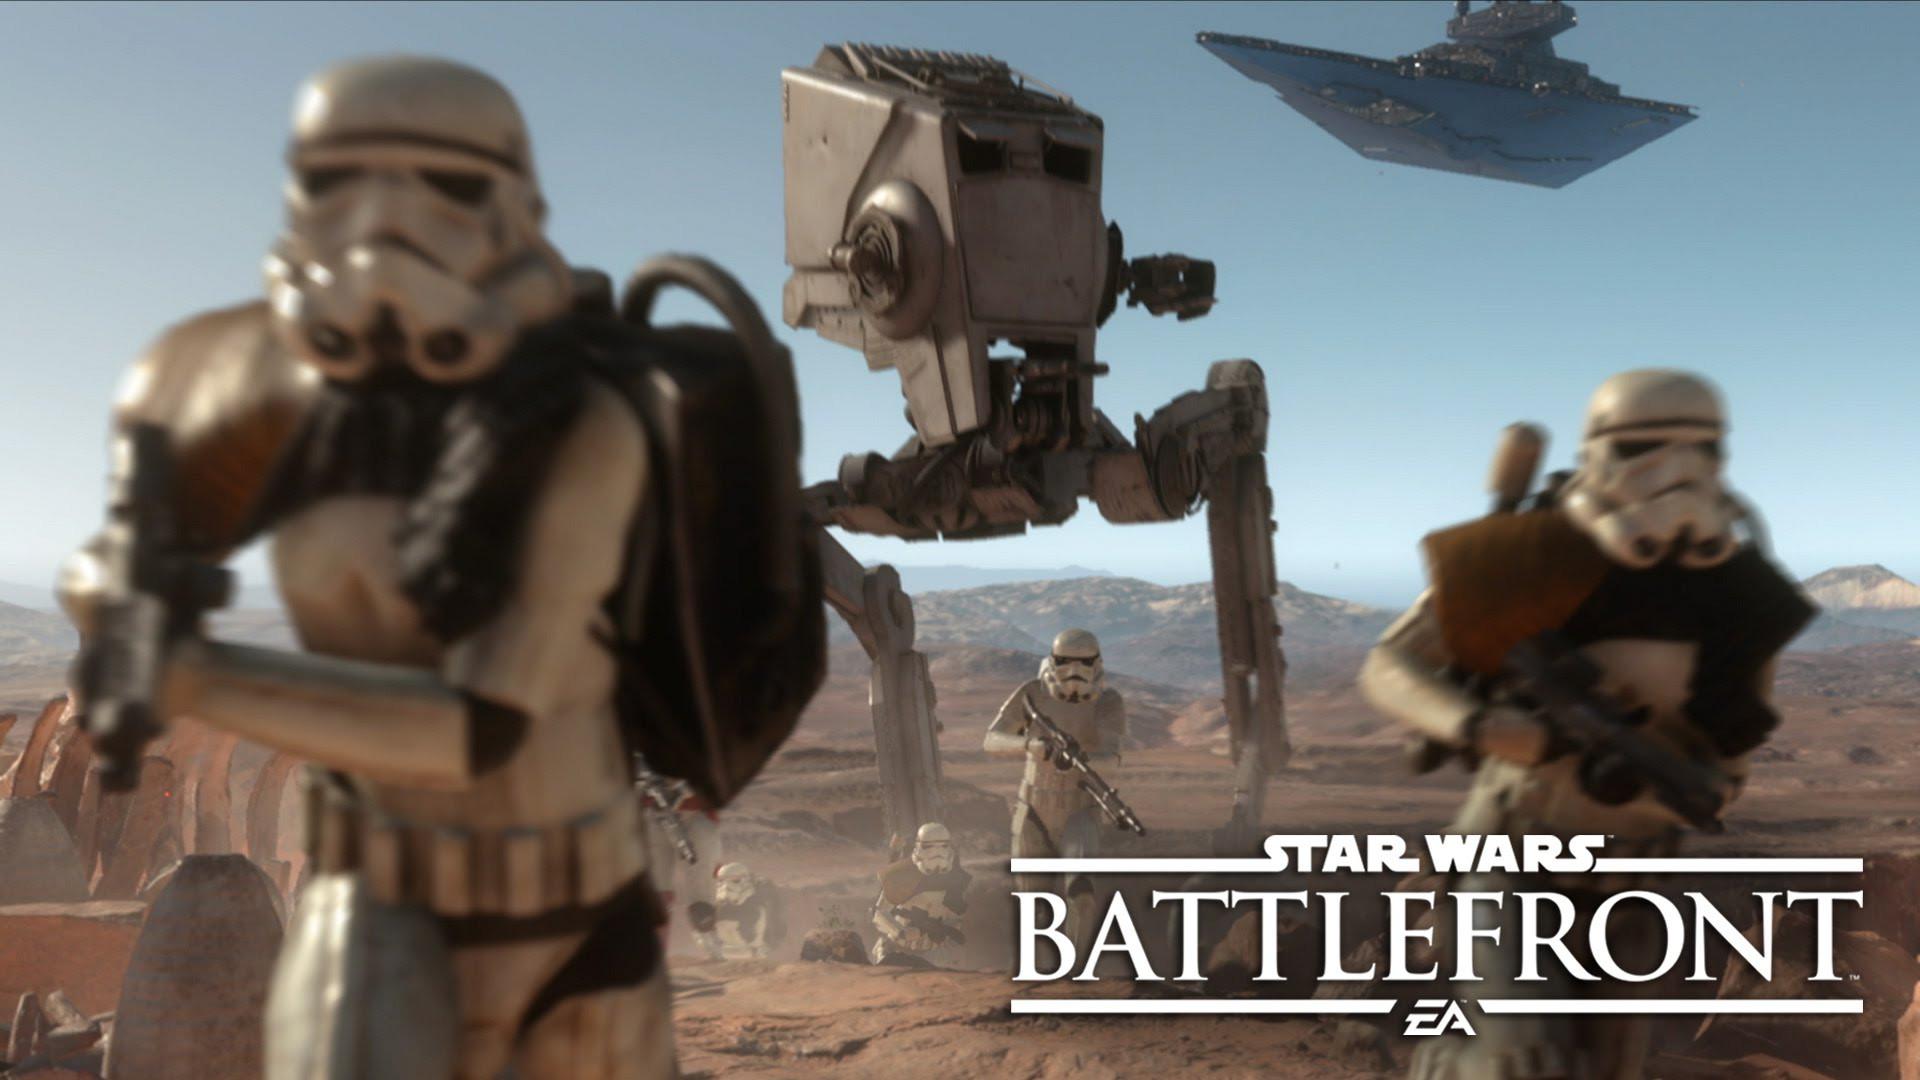 1447150491_star-wars-battlefront.jpg